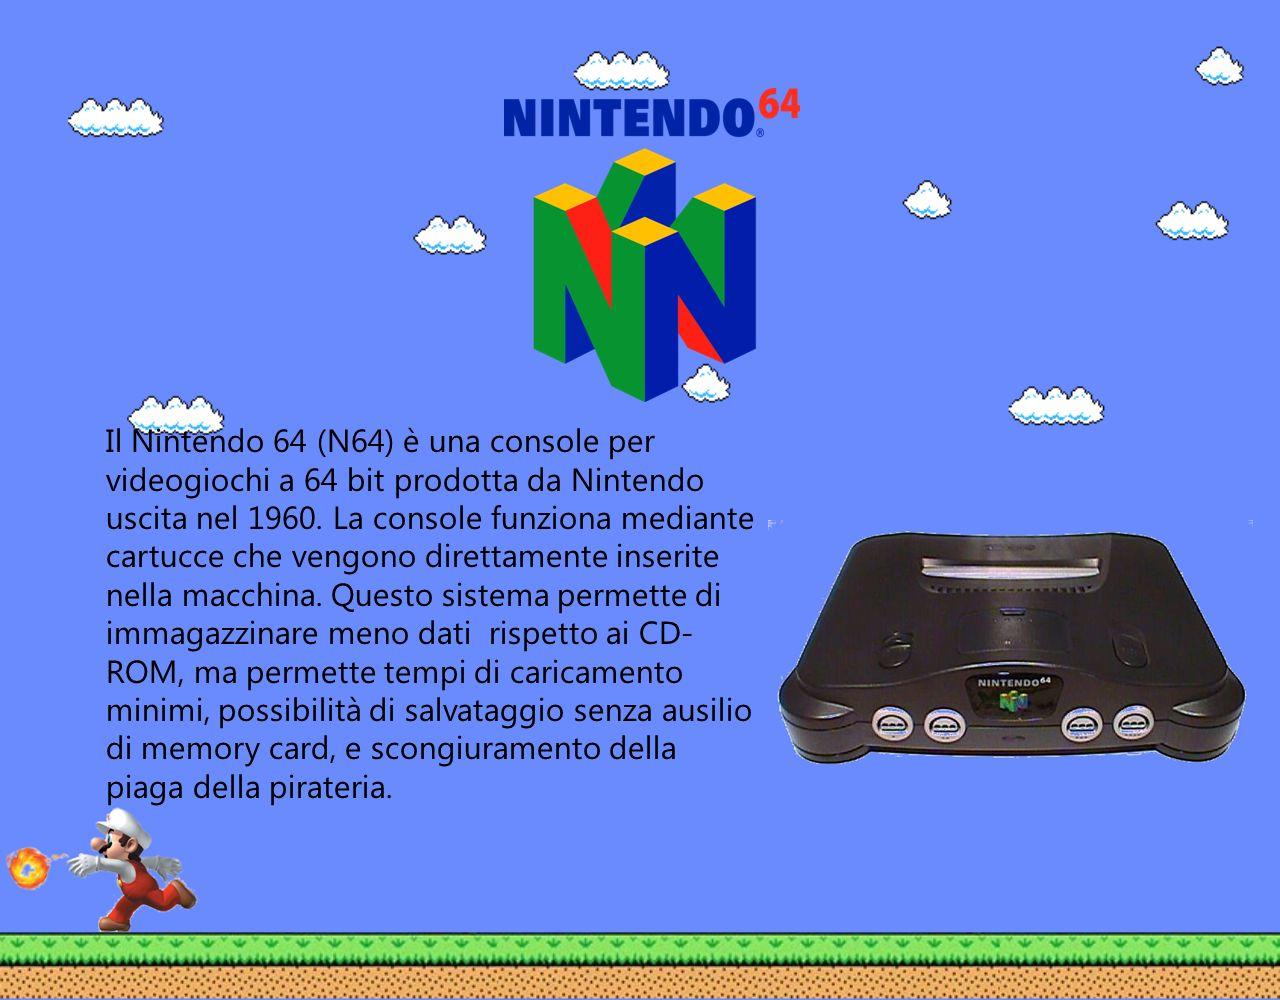 Il Nintendo 64 (N64) è una console per videogiochi a 64 bit prodotta da Nintendo uscita nel 1960. La console funziona mediante cartucce che vengono di